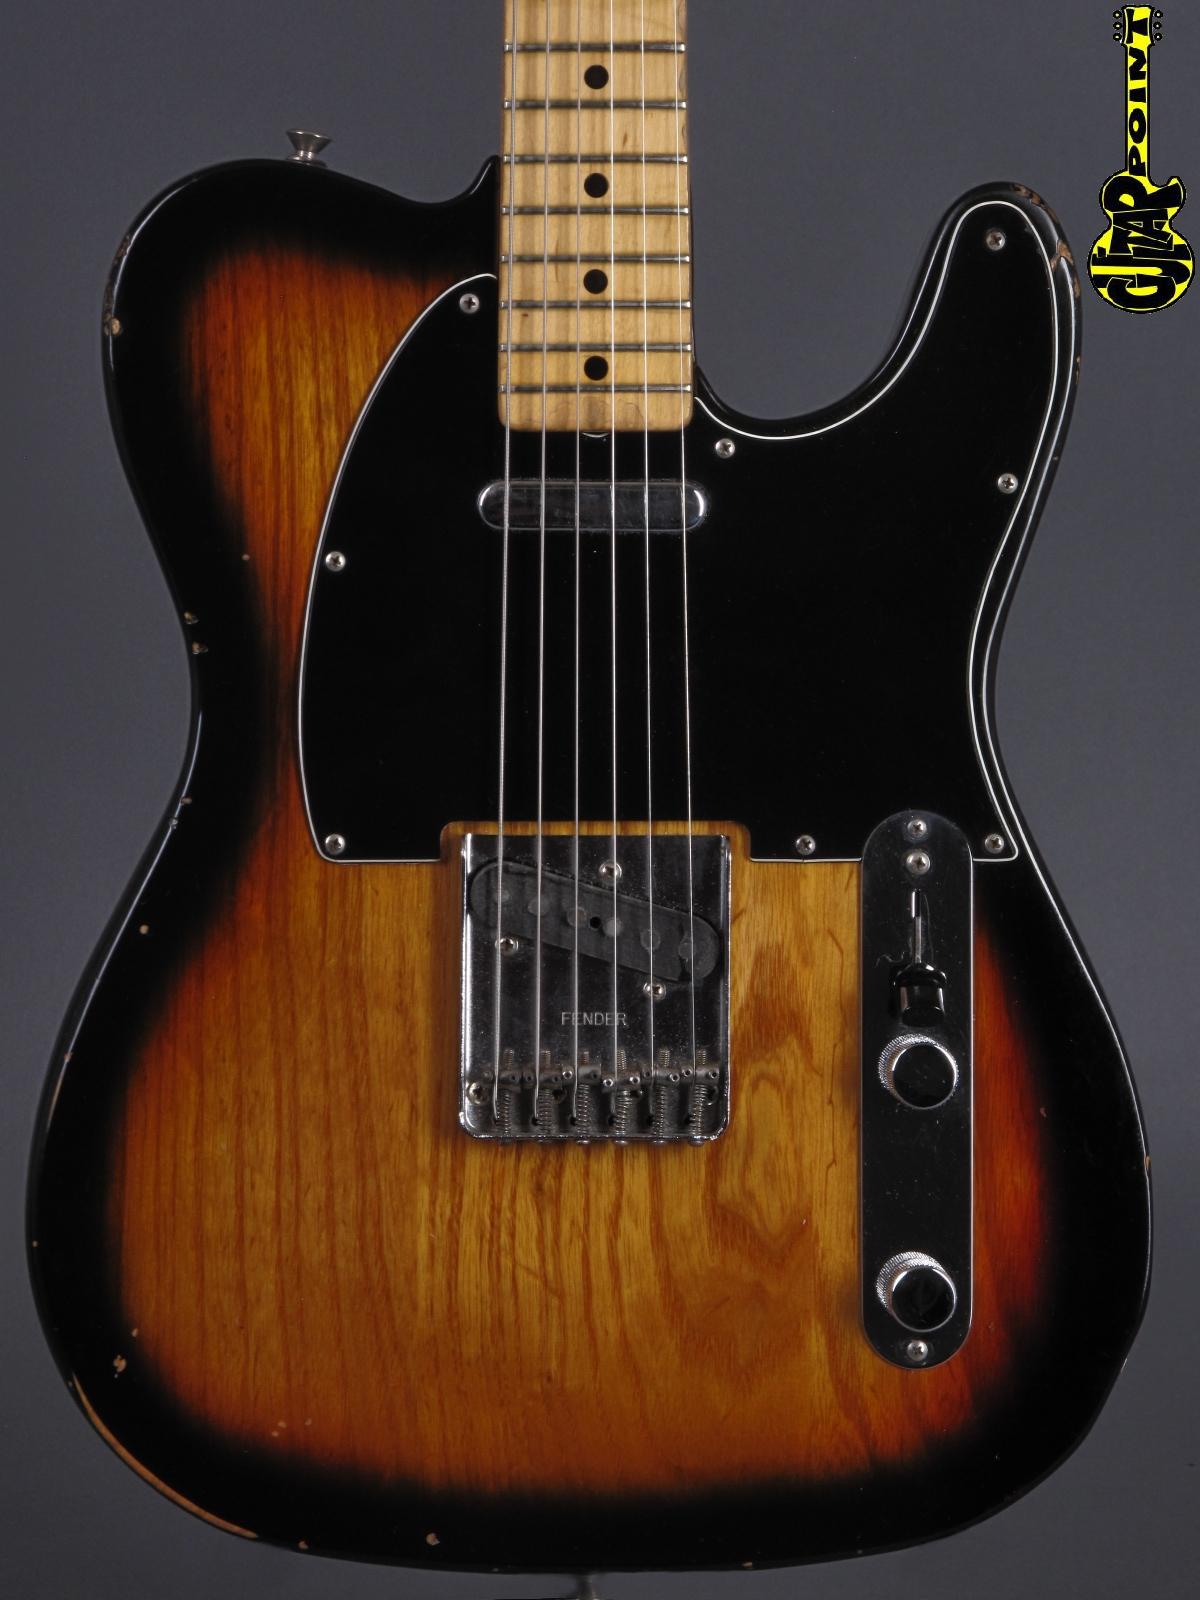 1978 Fender Telecaster - Sunburst